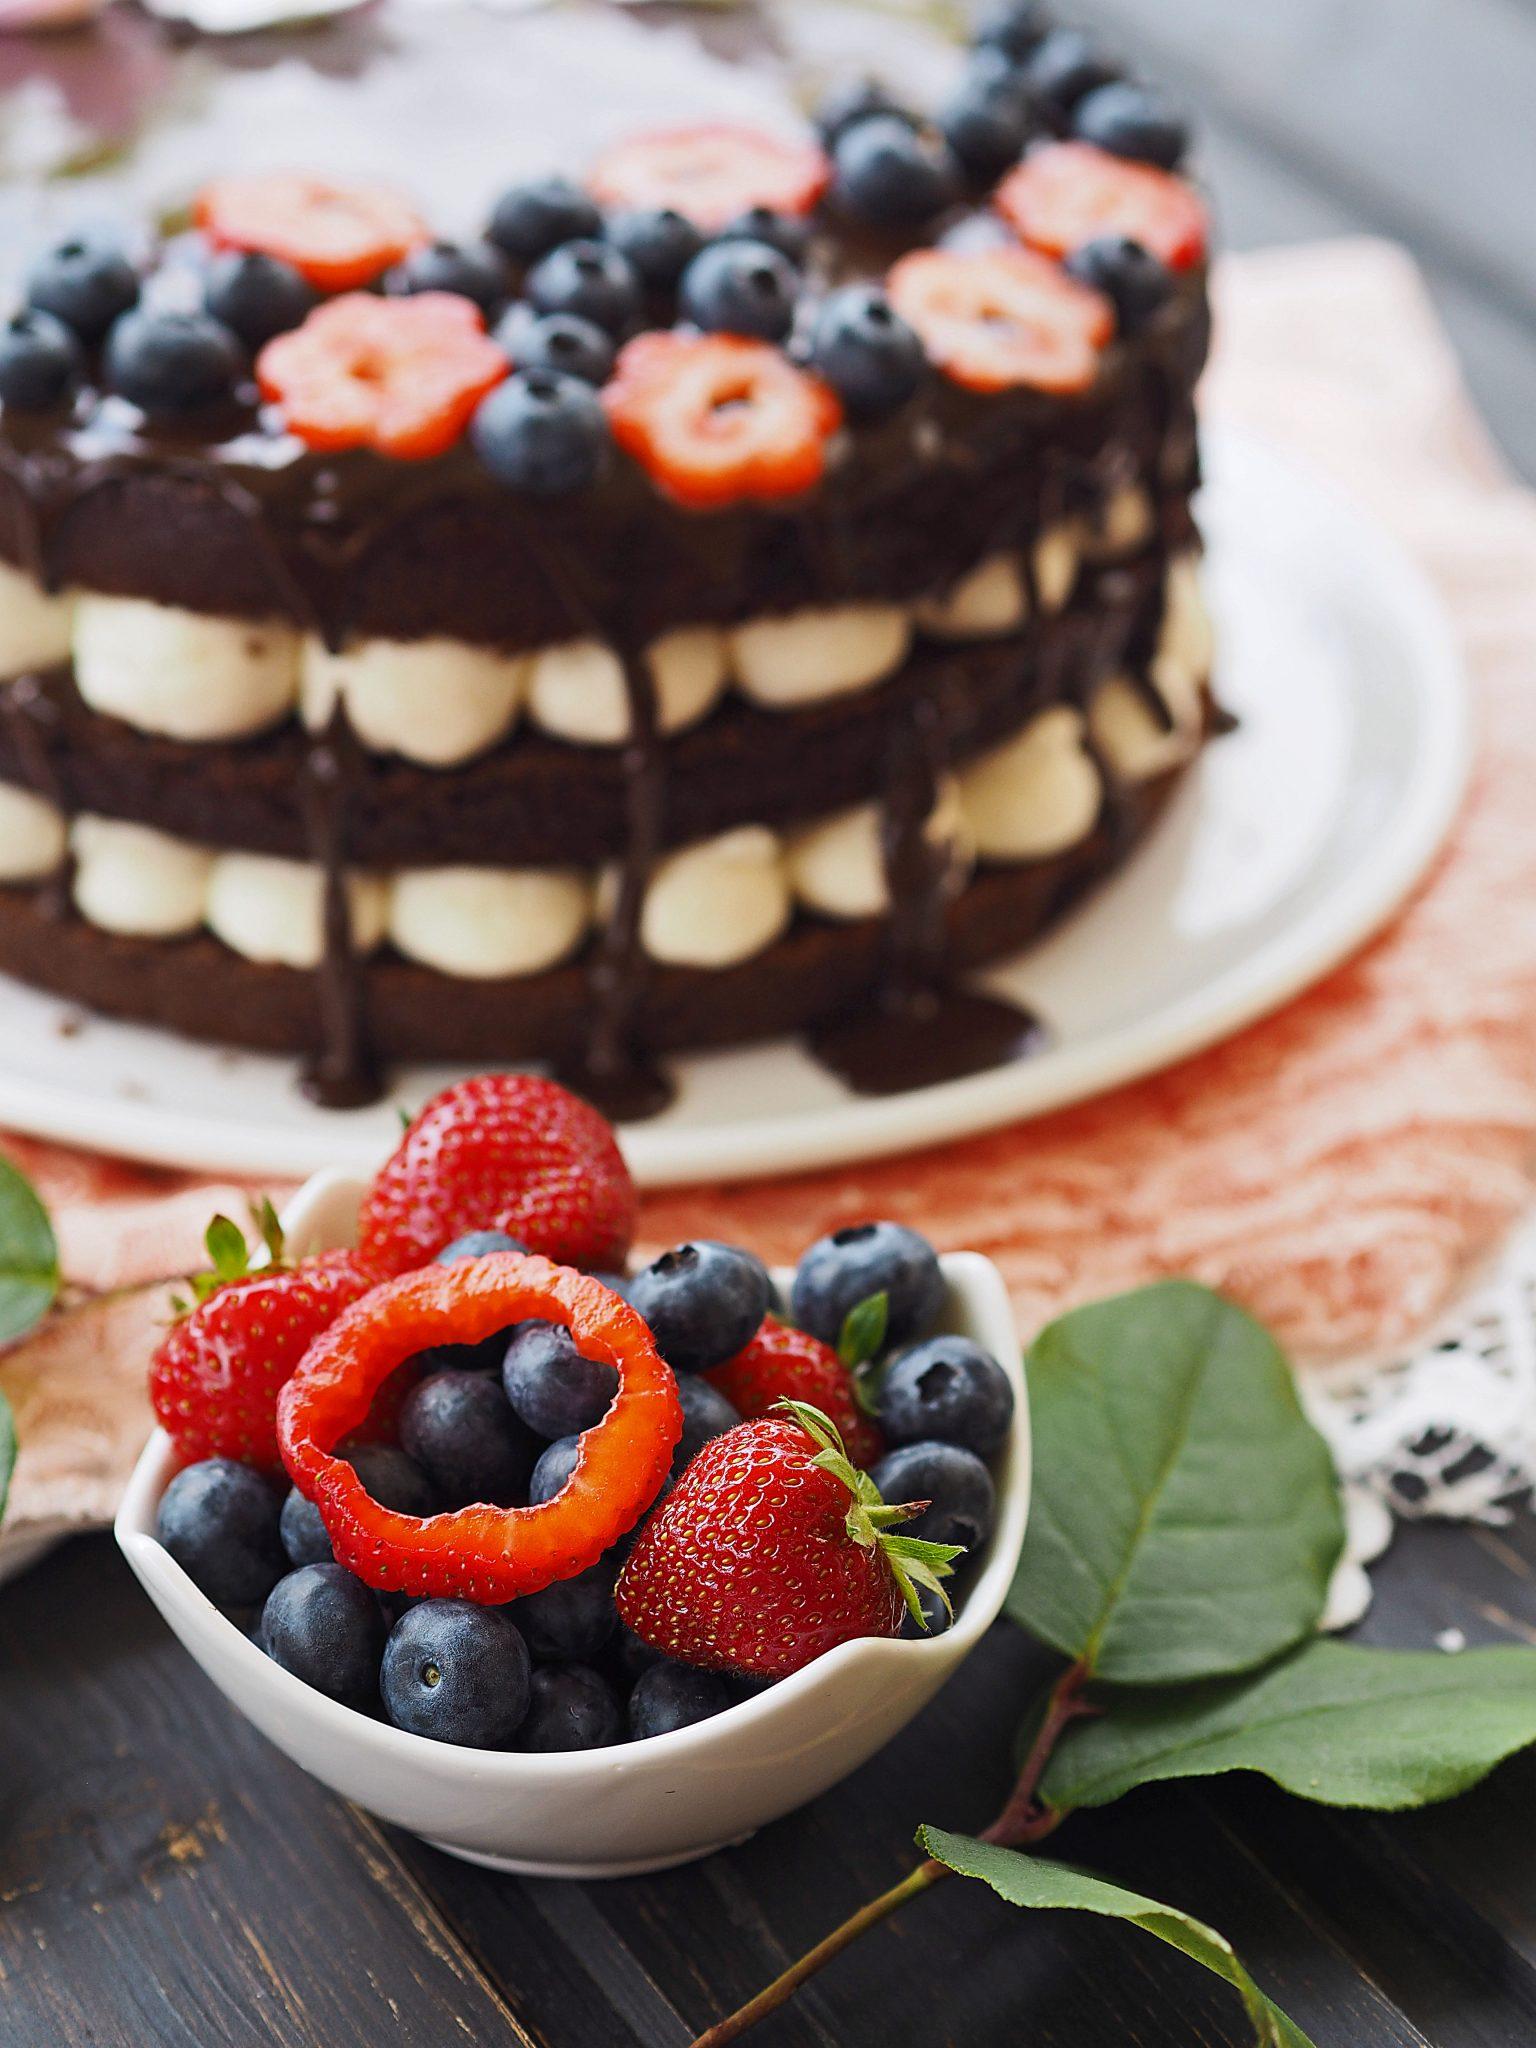 Schokoladen naked cake mit mascarpone creme und beeren what bakes me smile - Obst dekorieren ...